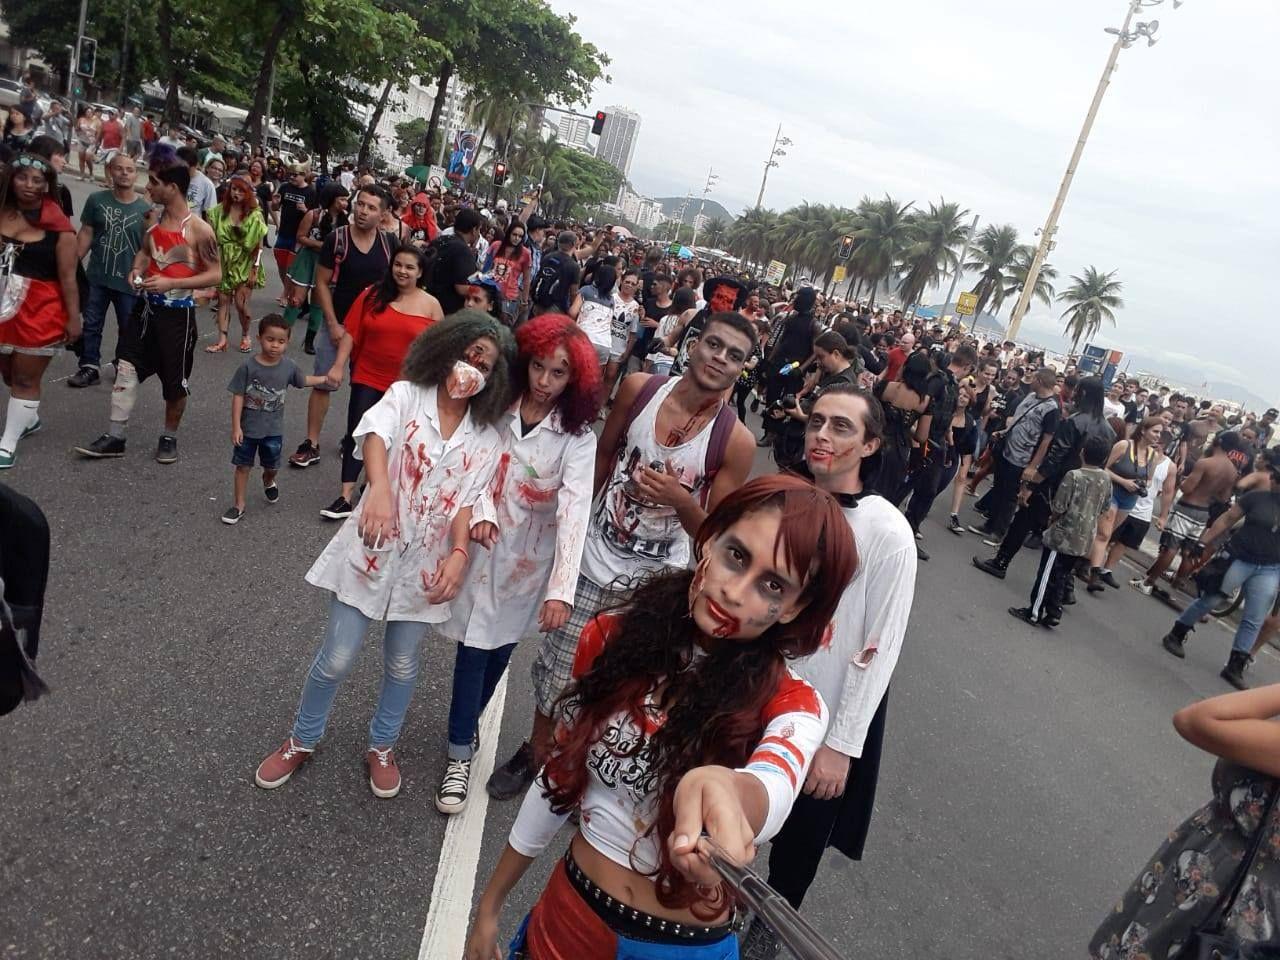 Mortos vivos fazem uma selfie na Praia de Copacabana durante a Zombie Walk 2018